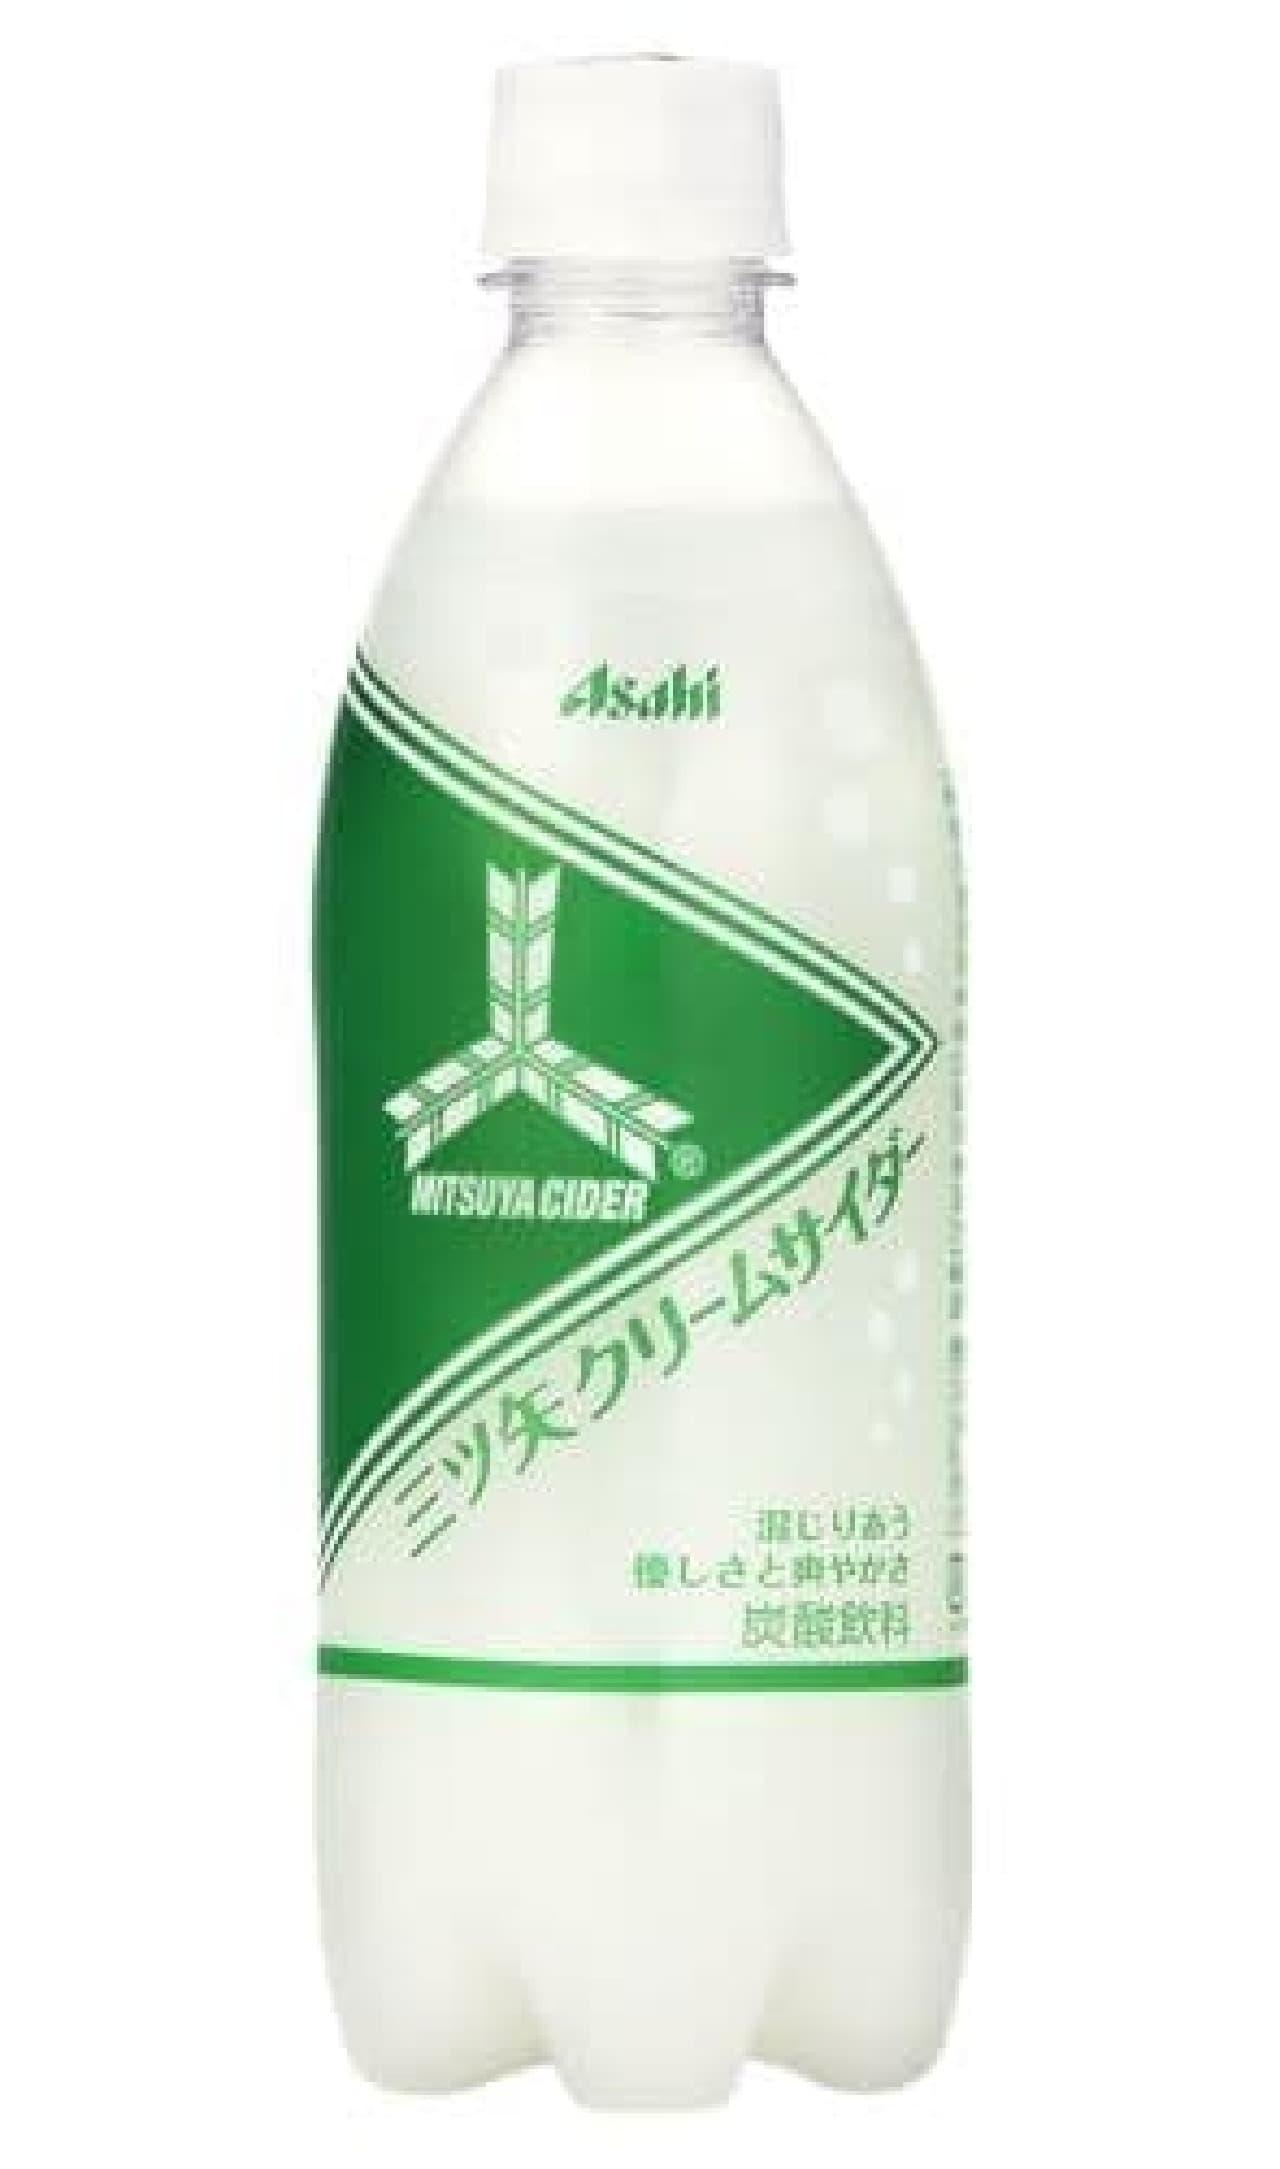 アサヒ飲料「三ツ矢クリームサイダー」